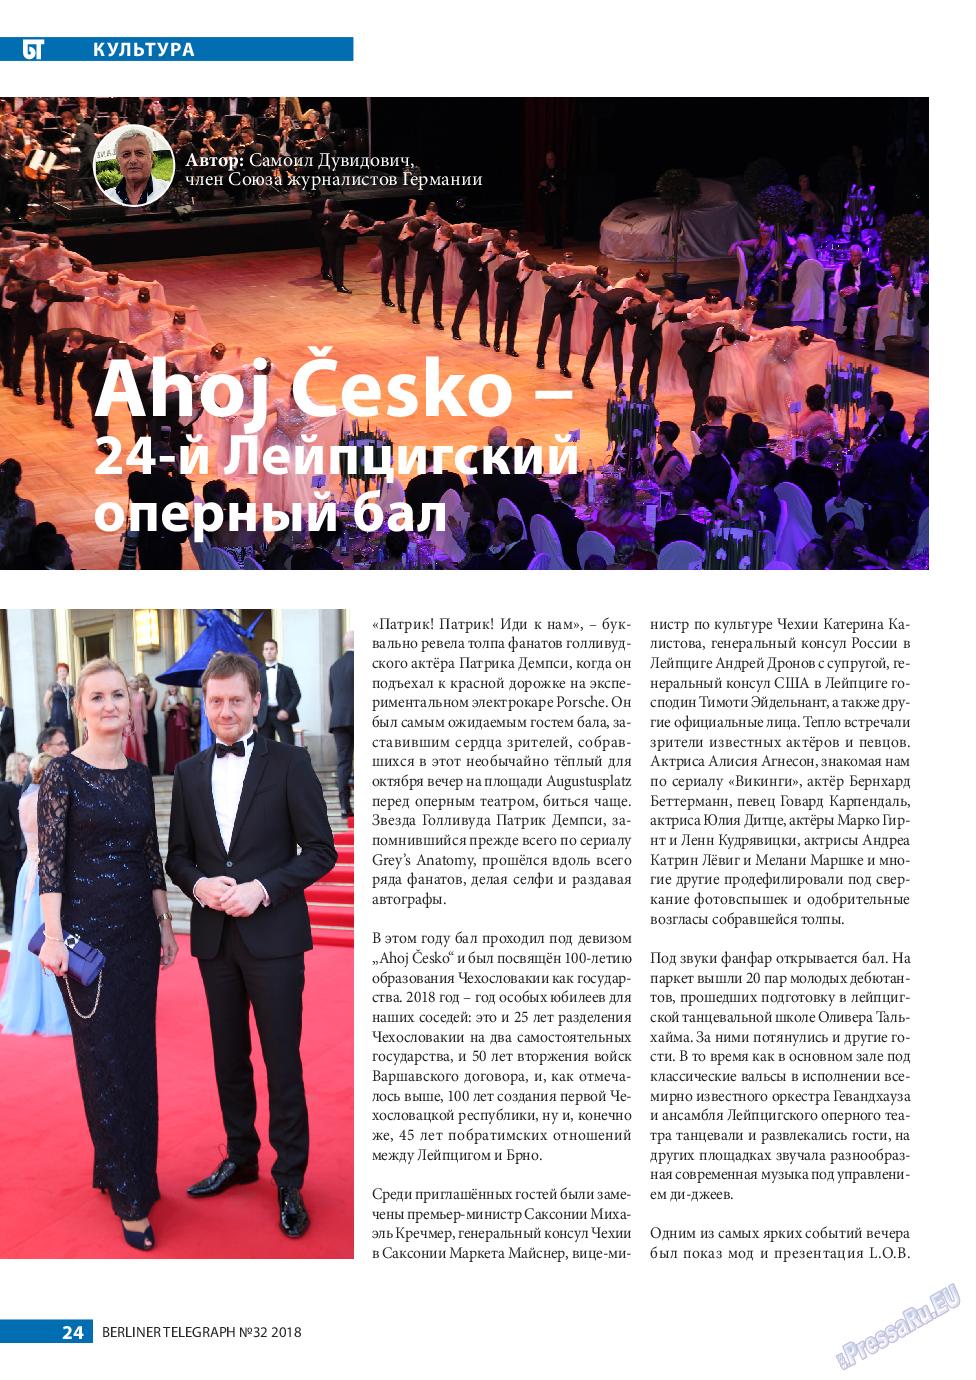 Берлинский телеграф (журнал). 2018 год, номер 32, стр. 24